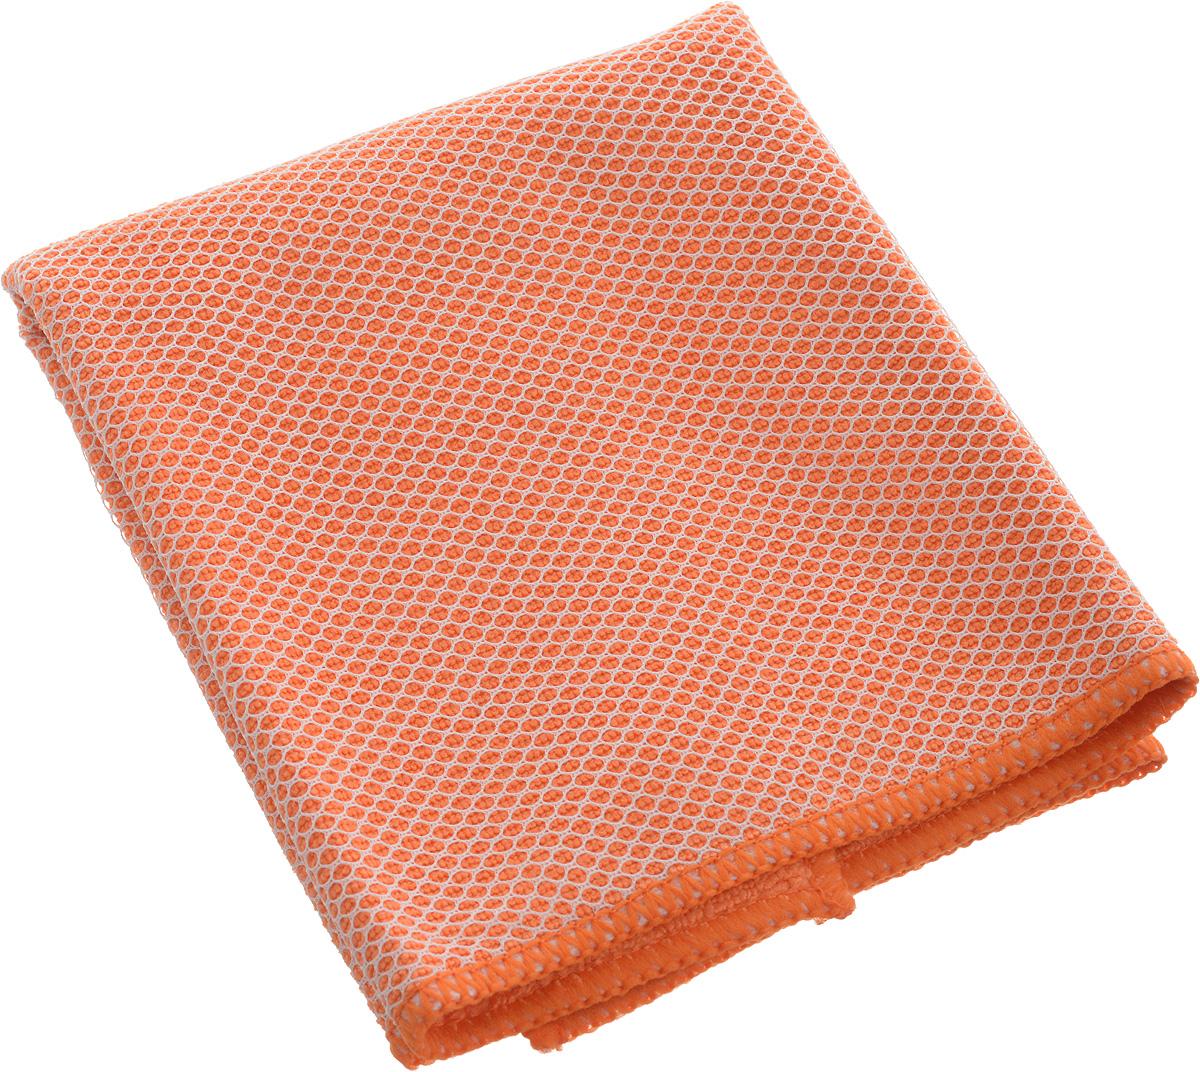 Салфетка Airline, цвет: оранжевый, 35 х 40 смAB-A-04Салфетка из микрофибрового материала имеет мягкую поверхность, которая сособой деликатностью устраняет загрязнения с поверхностей, делая уборку ещеболее быстрой и комфортной.Состав: 20% полиамид, 80% полиэстер.